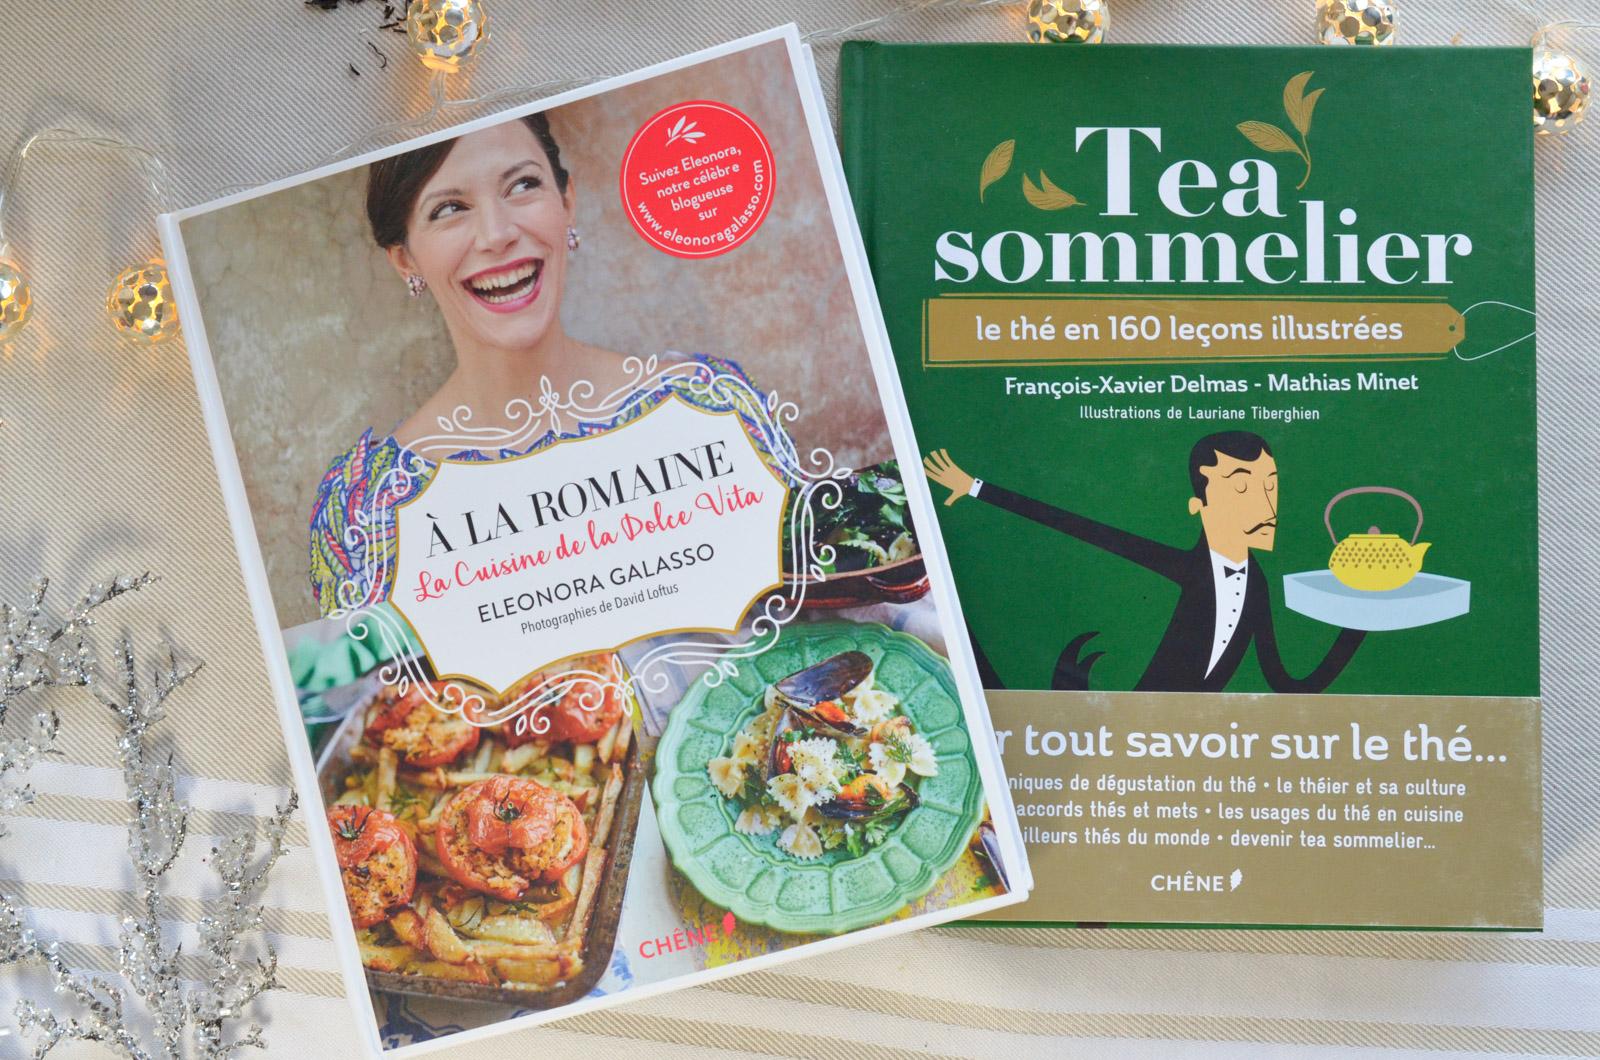 Ide Cadeau Cuisine Great Idee Cadeau Cuisine Porte Livre